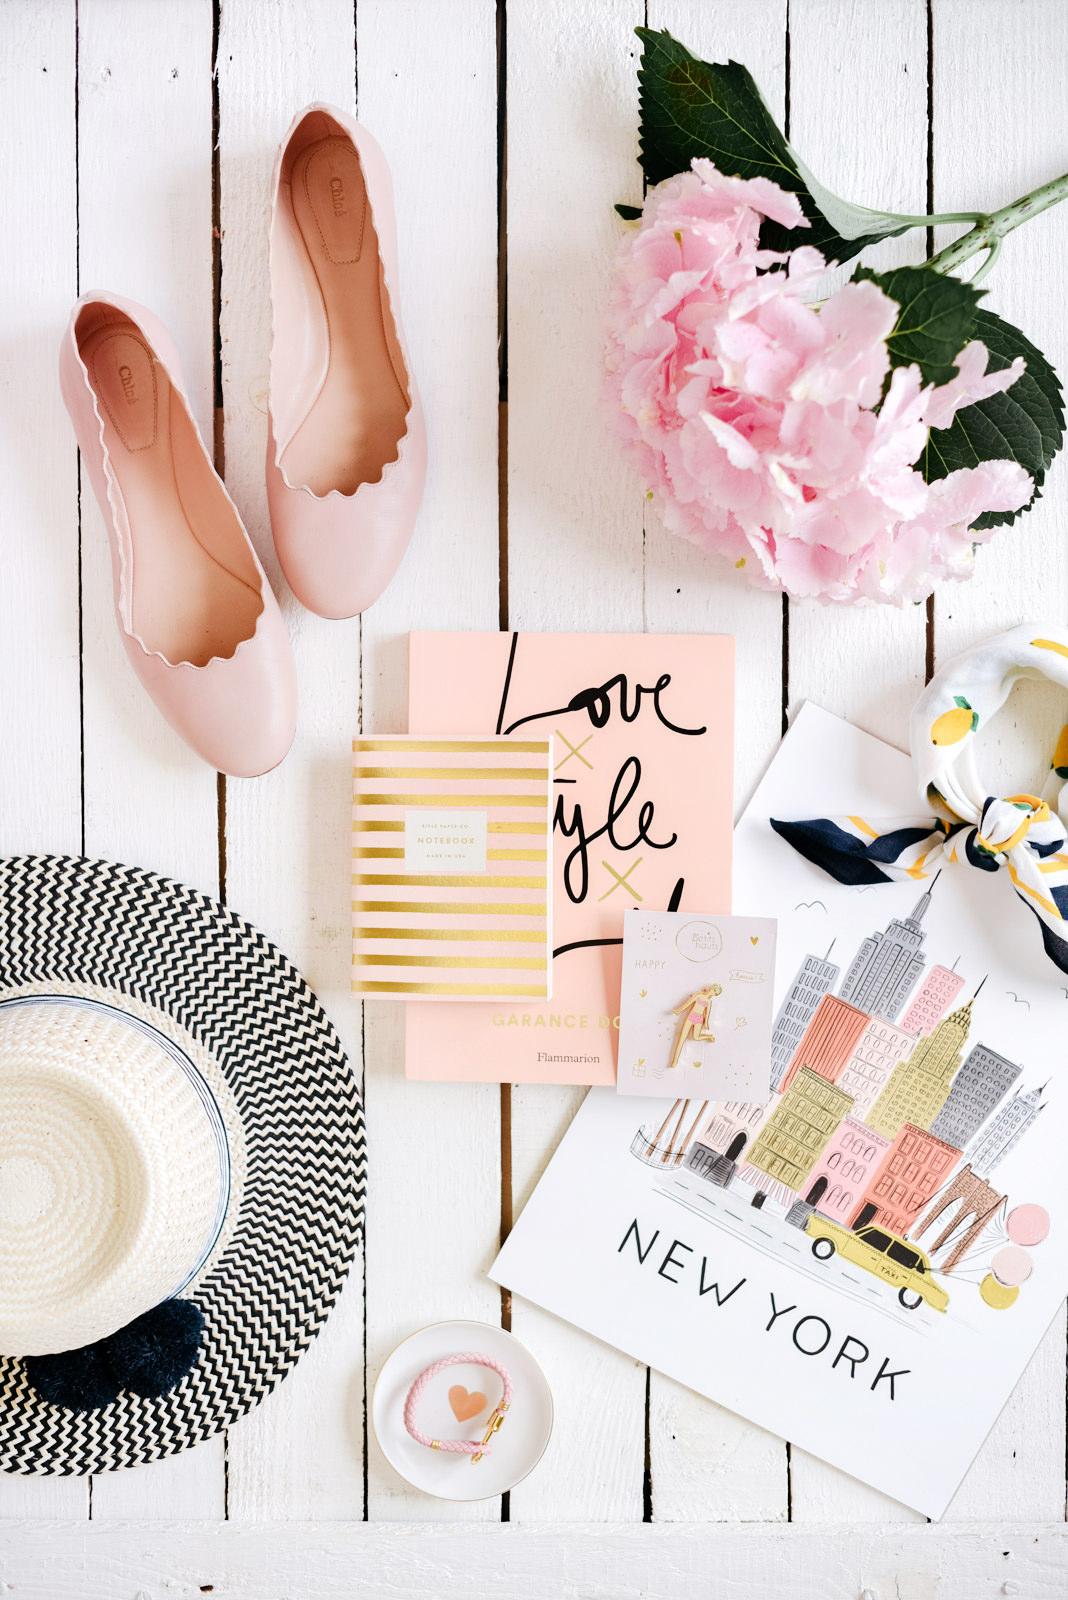 Blog-Mode-And-the-City-Lifestyle-Cadeaux-Anniversaire-28-ans-23